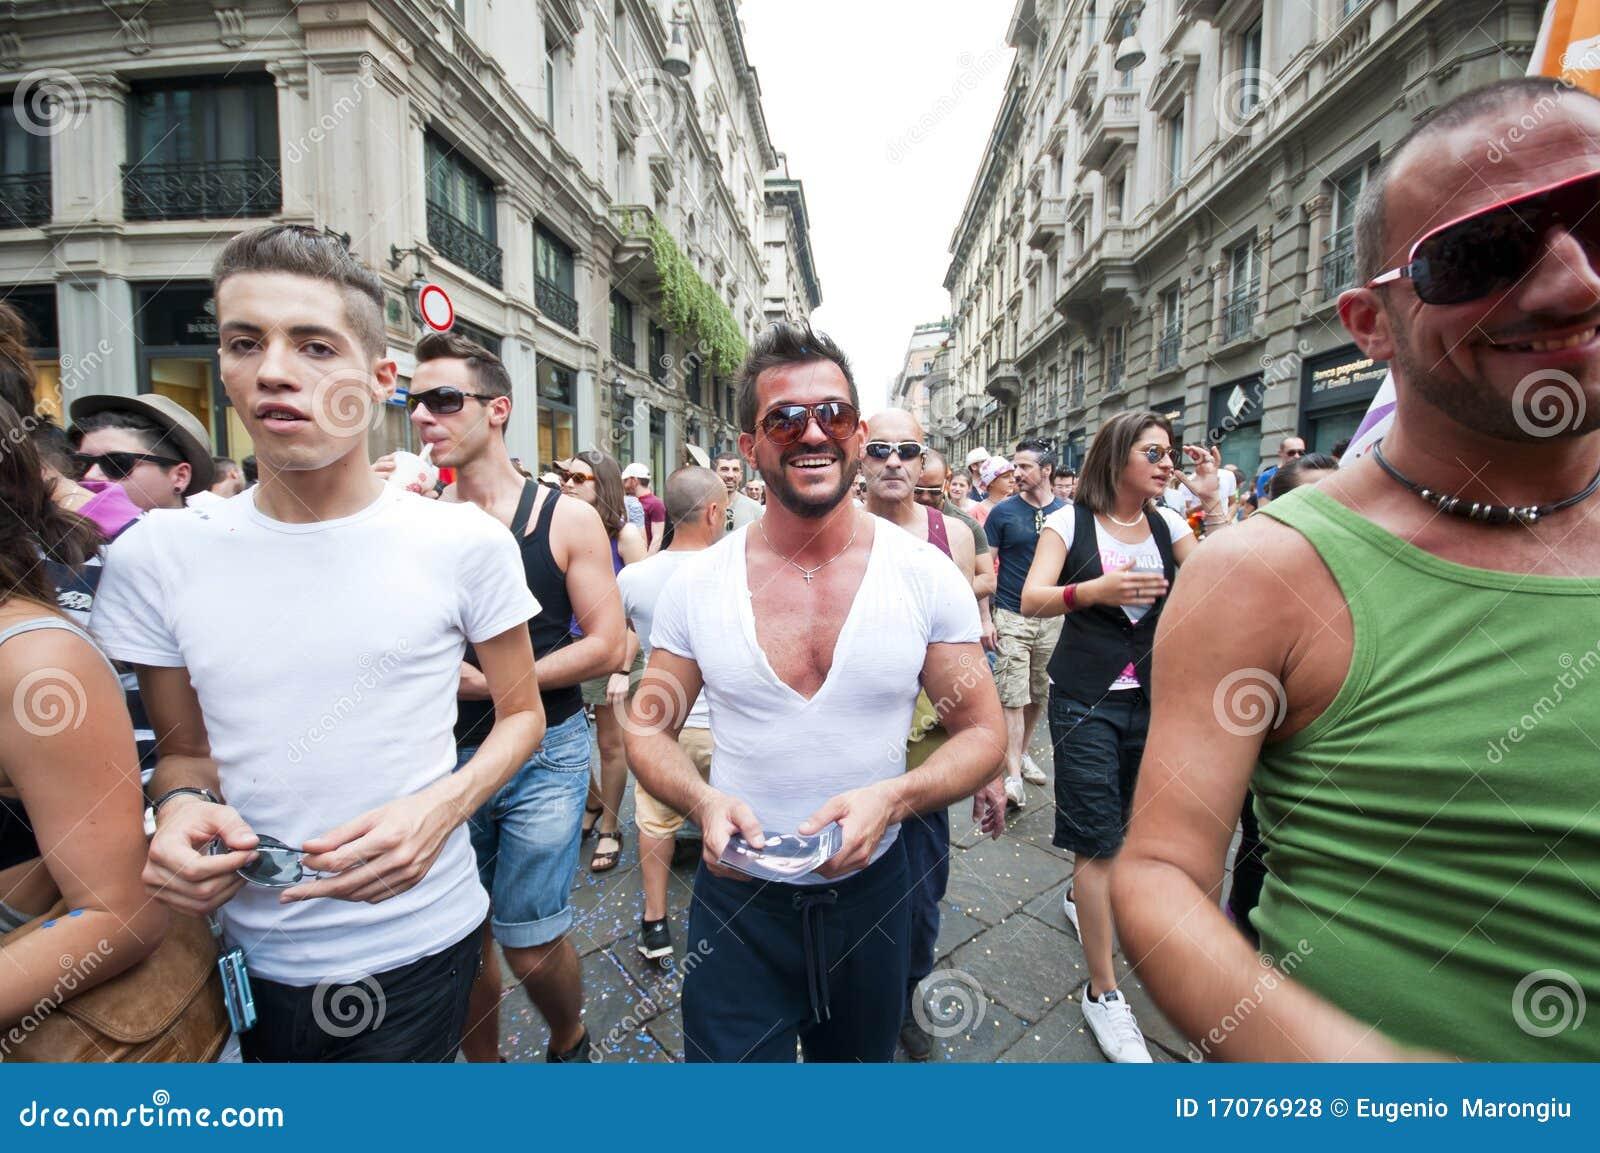 gay club richmond virginia